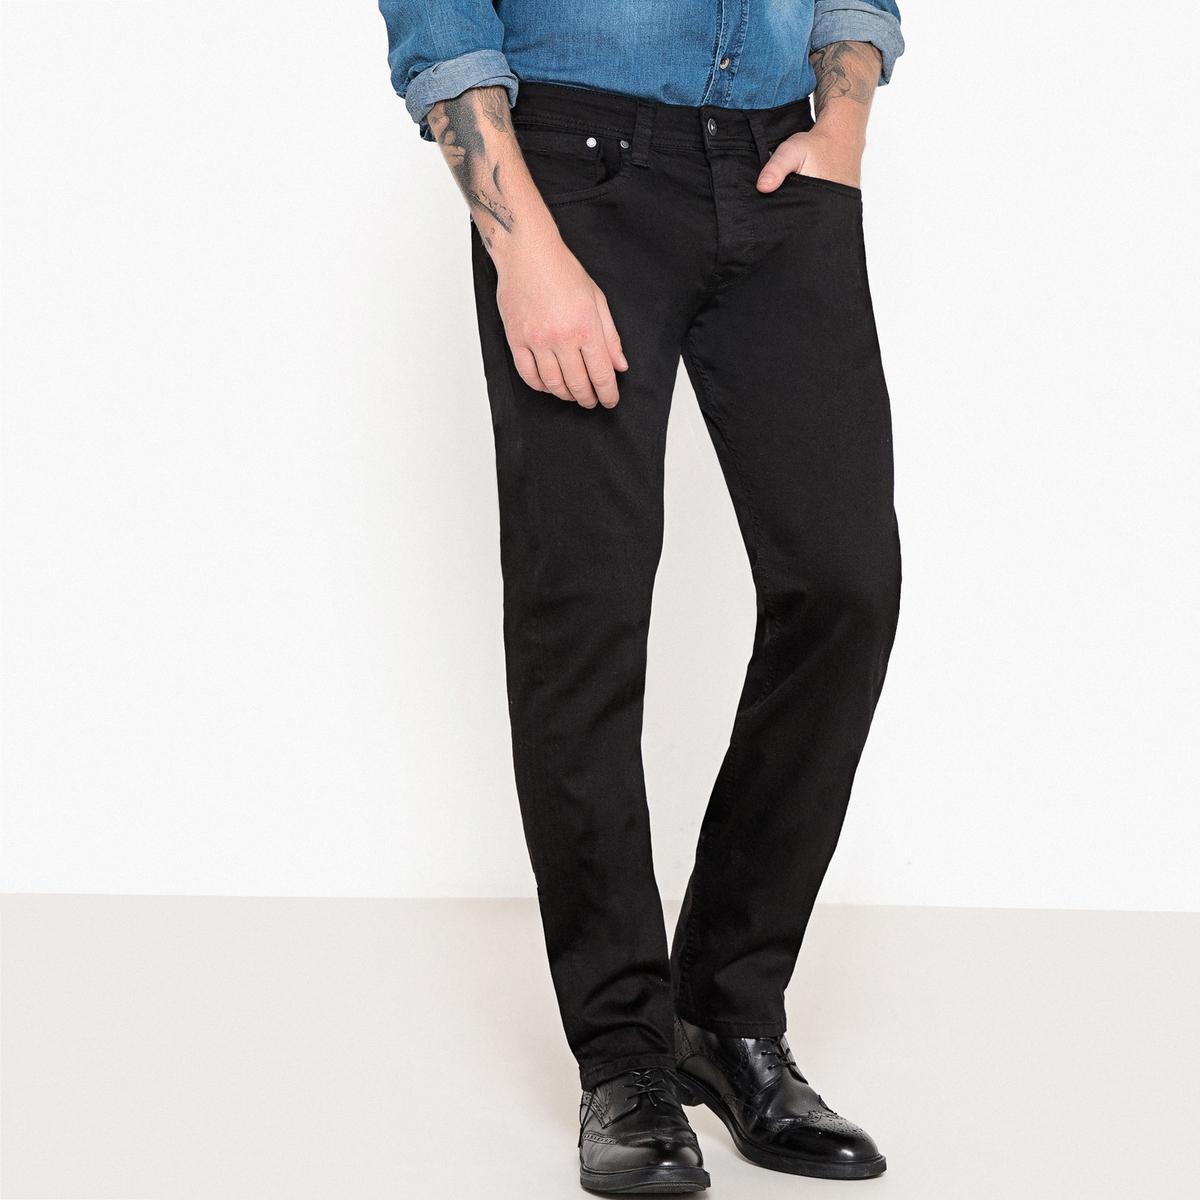 Джинсы прямые CASH ostin базовые прямые джинсы